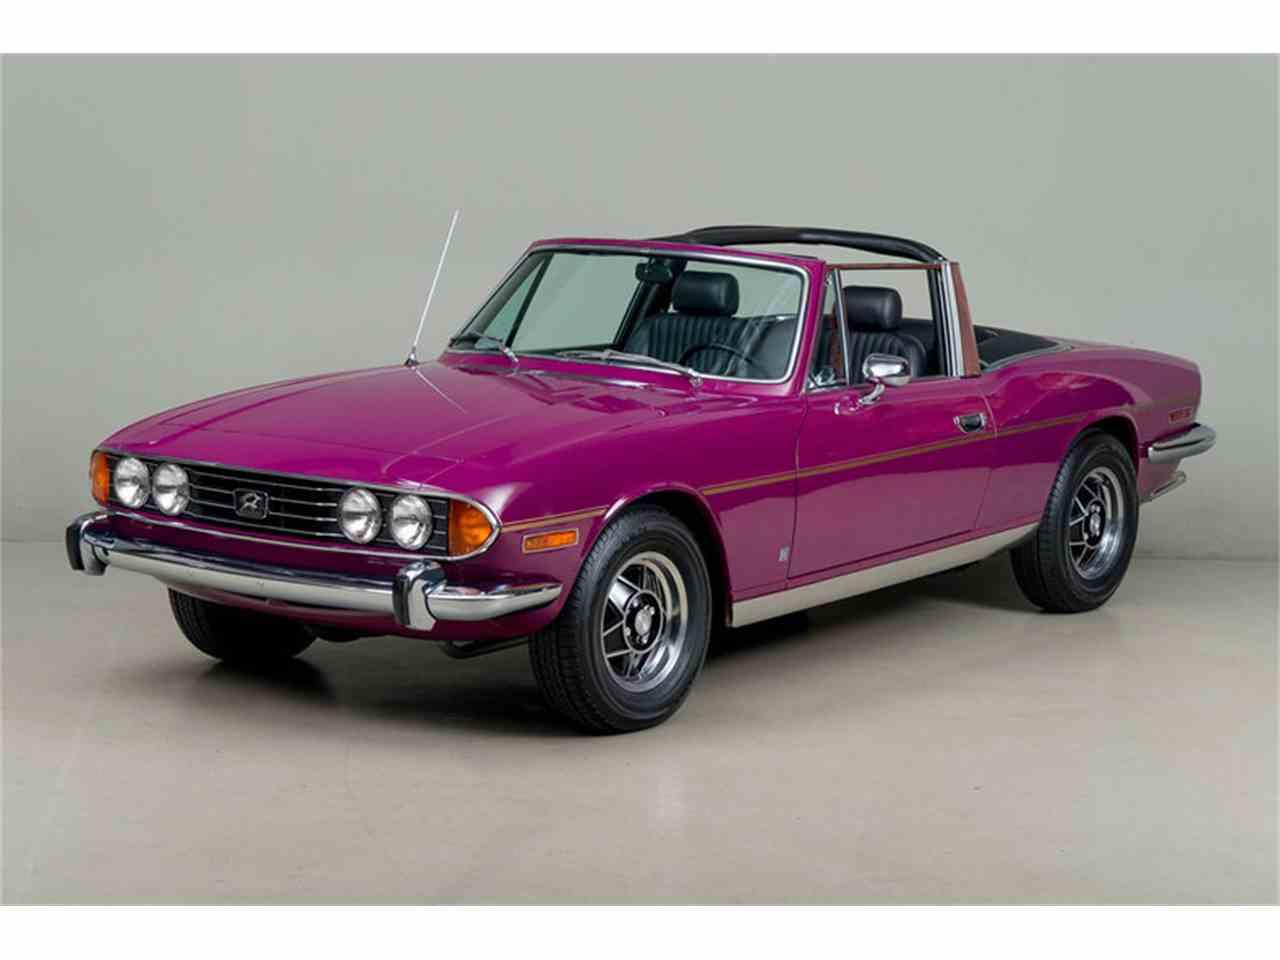 1973 Triumph Stag Mk2 for Sale - CC-809843